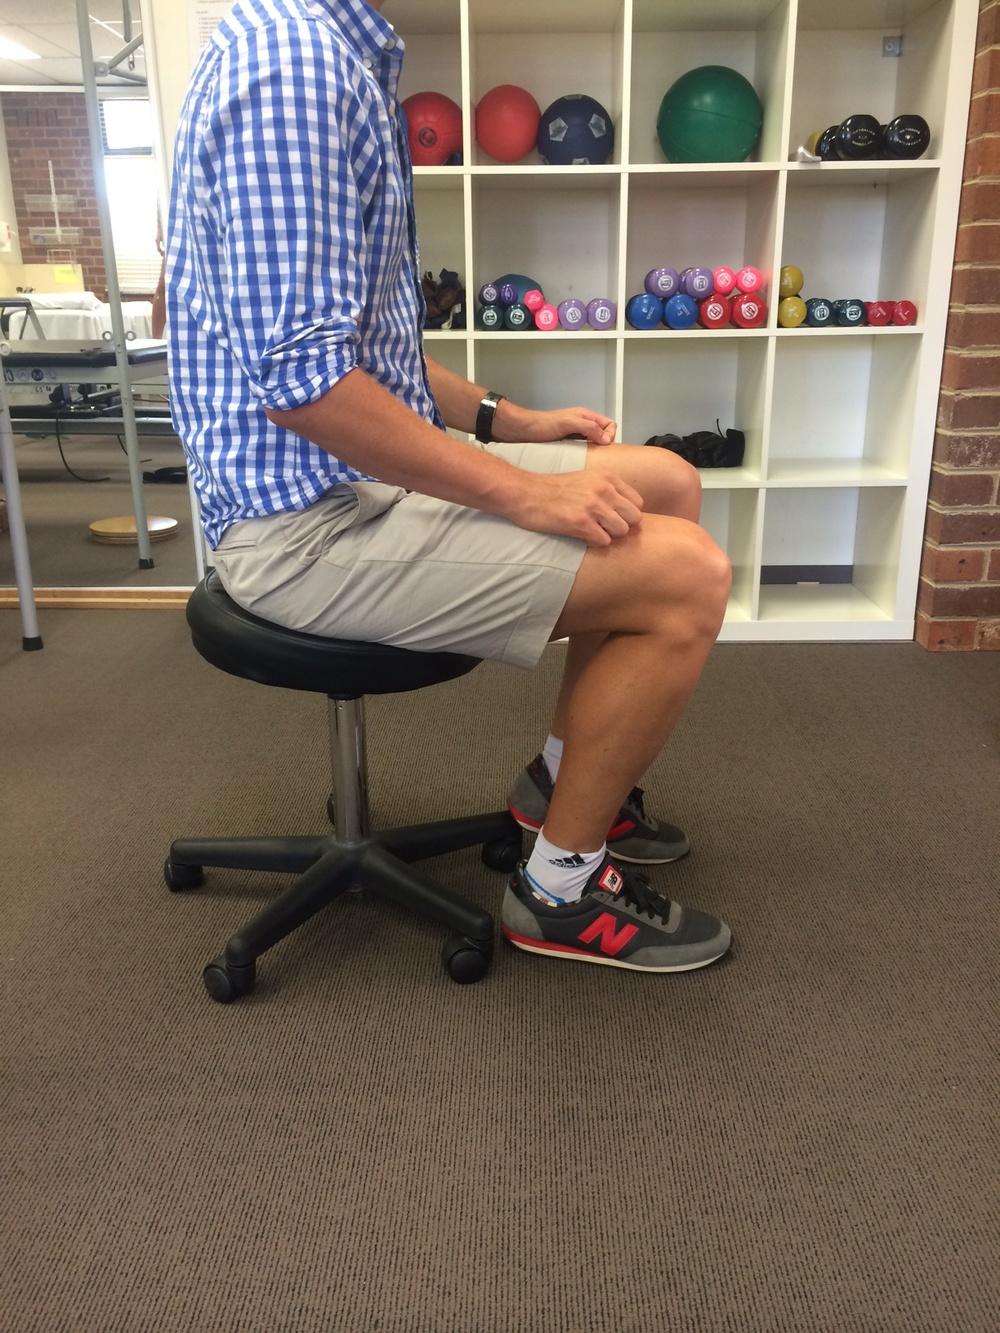 gluteal tendinopathy sitting posture